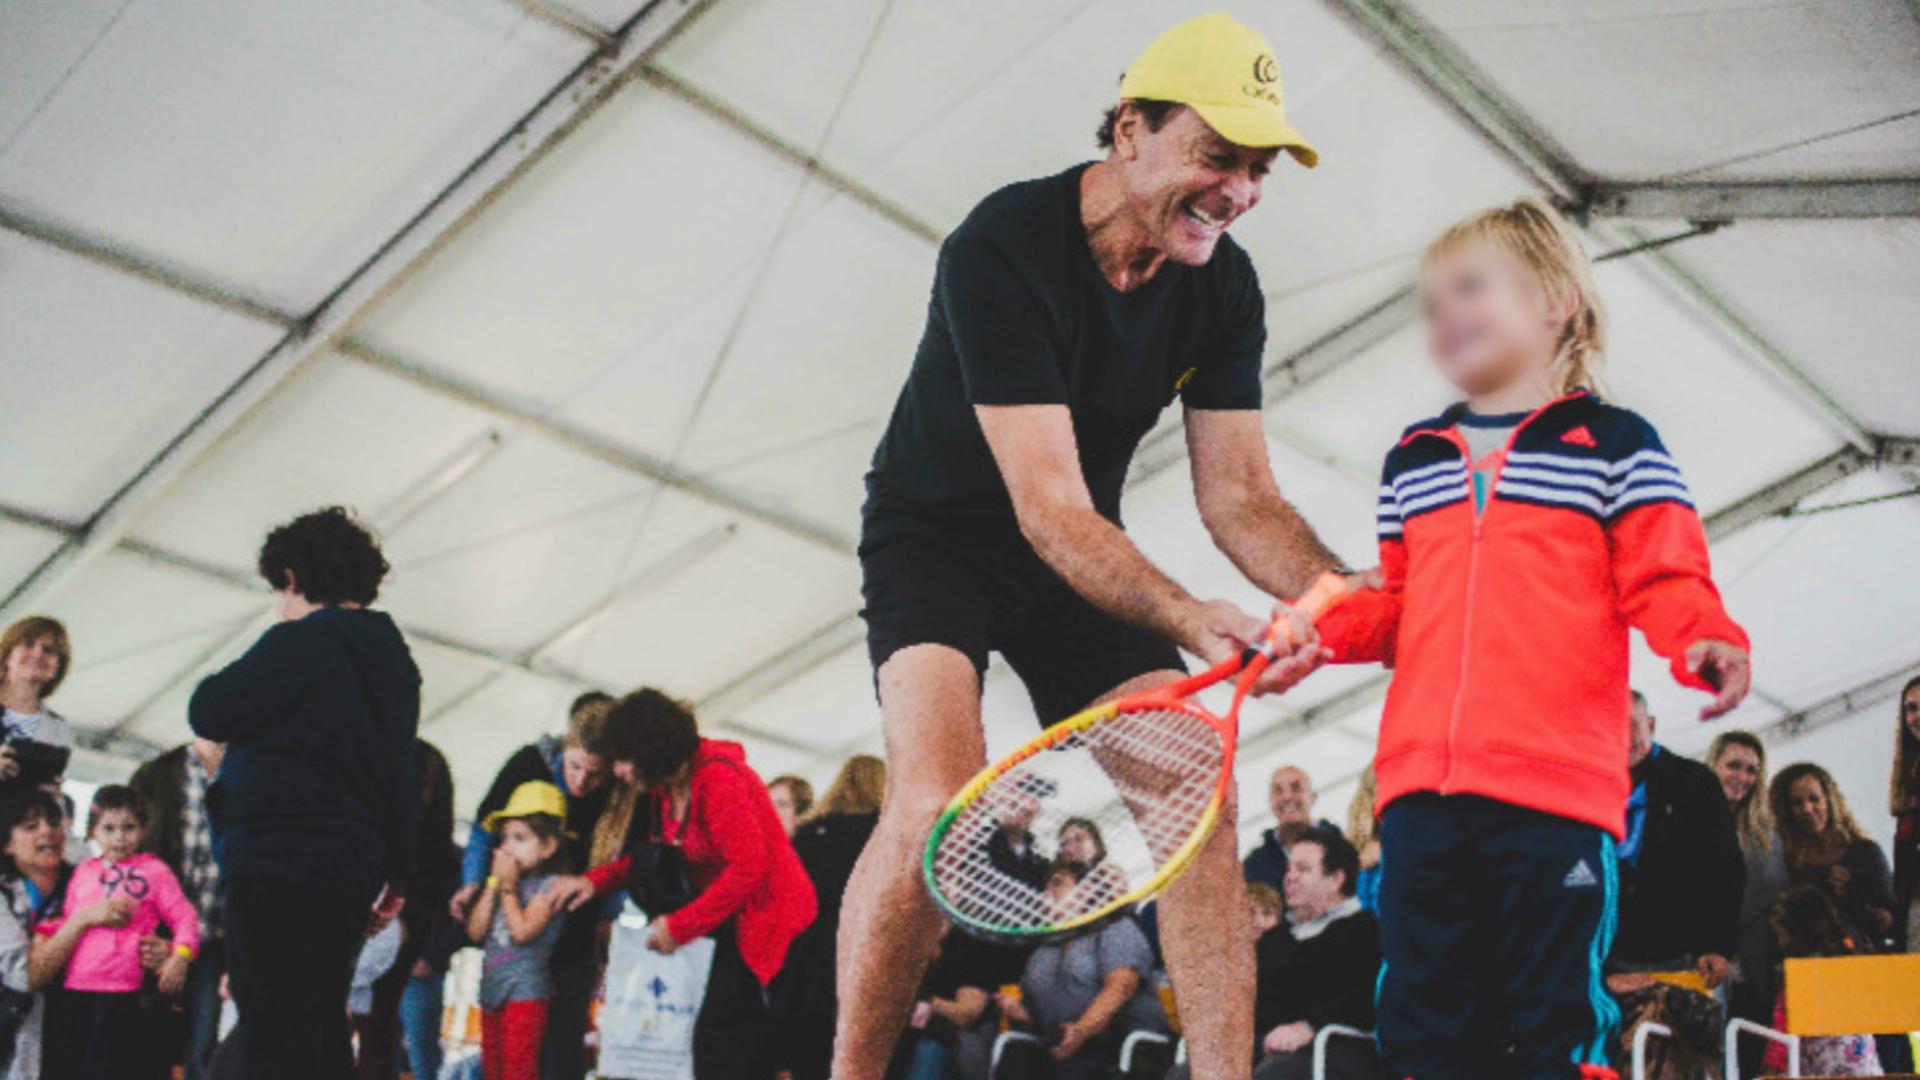 Hoy se dedica a brindar jornadas gratuitas, realizar clínicas de deportes para explayarse sobre lo valioso que es vivir en una sociedad inclusiva